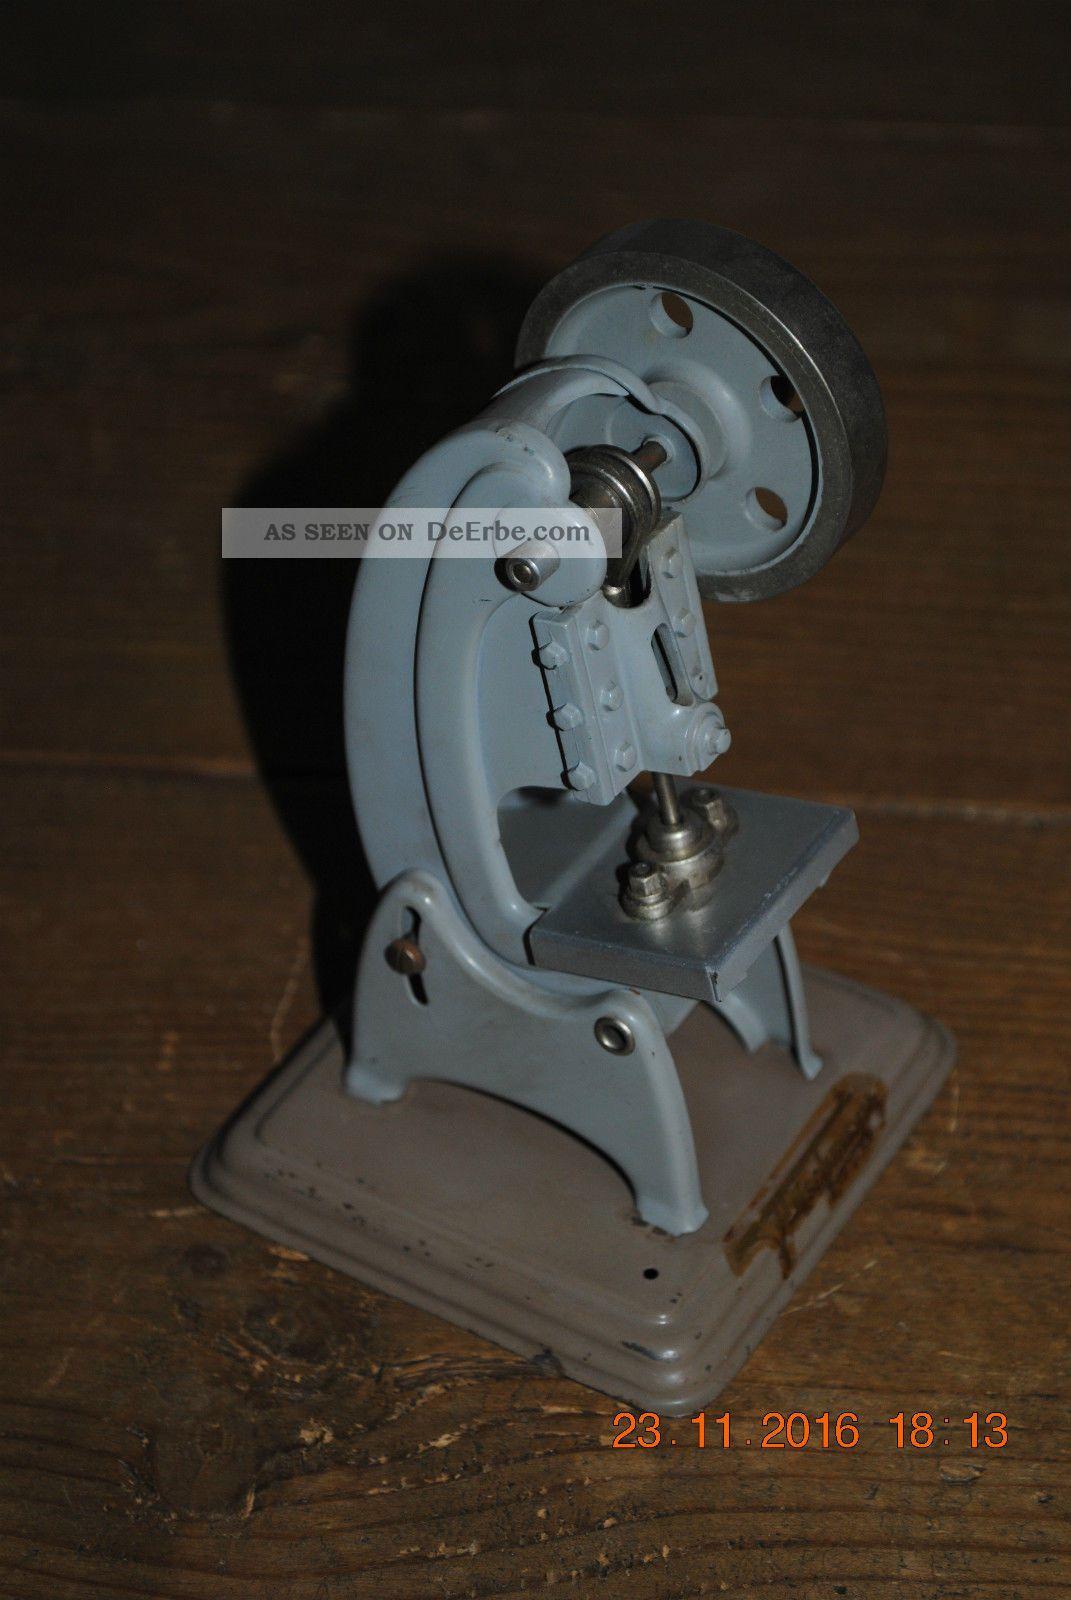 Alt Stanze Dampfmaschine Antriebsmodell Fleischmann Märklin Blechspielzeug Top Gefertigt nach 1945 Bild